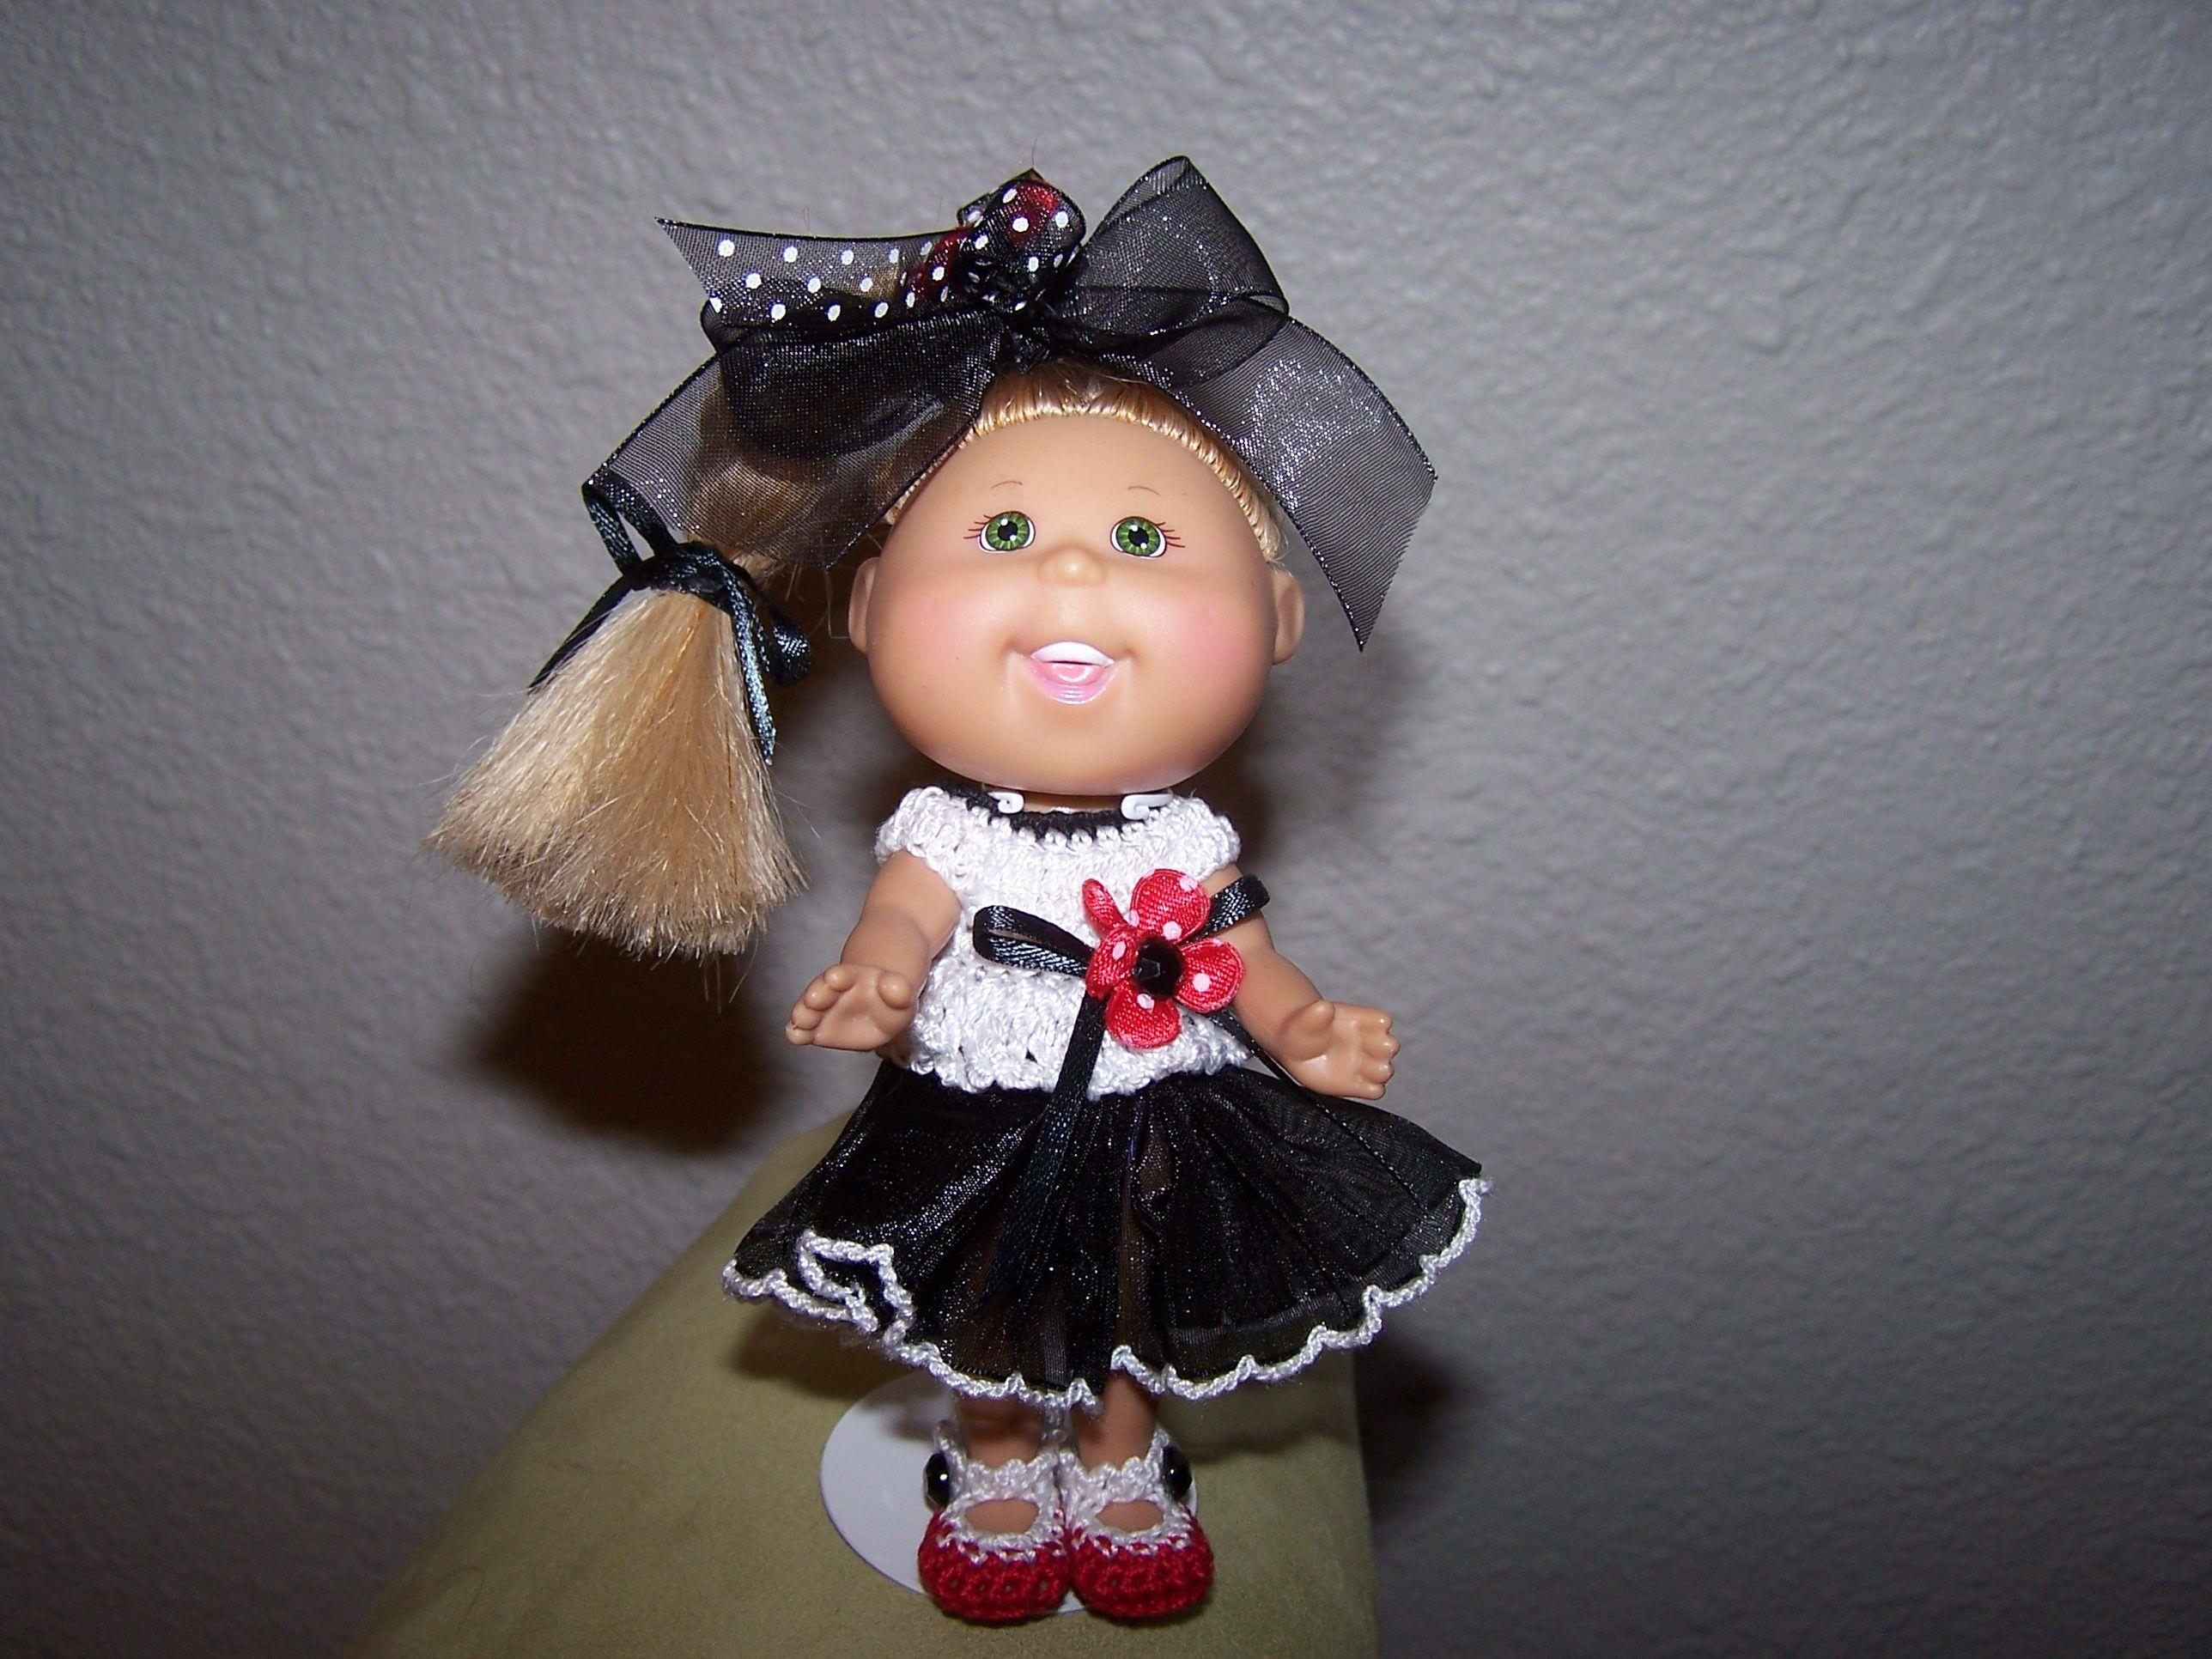 black and white polka dot dress toddler